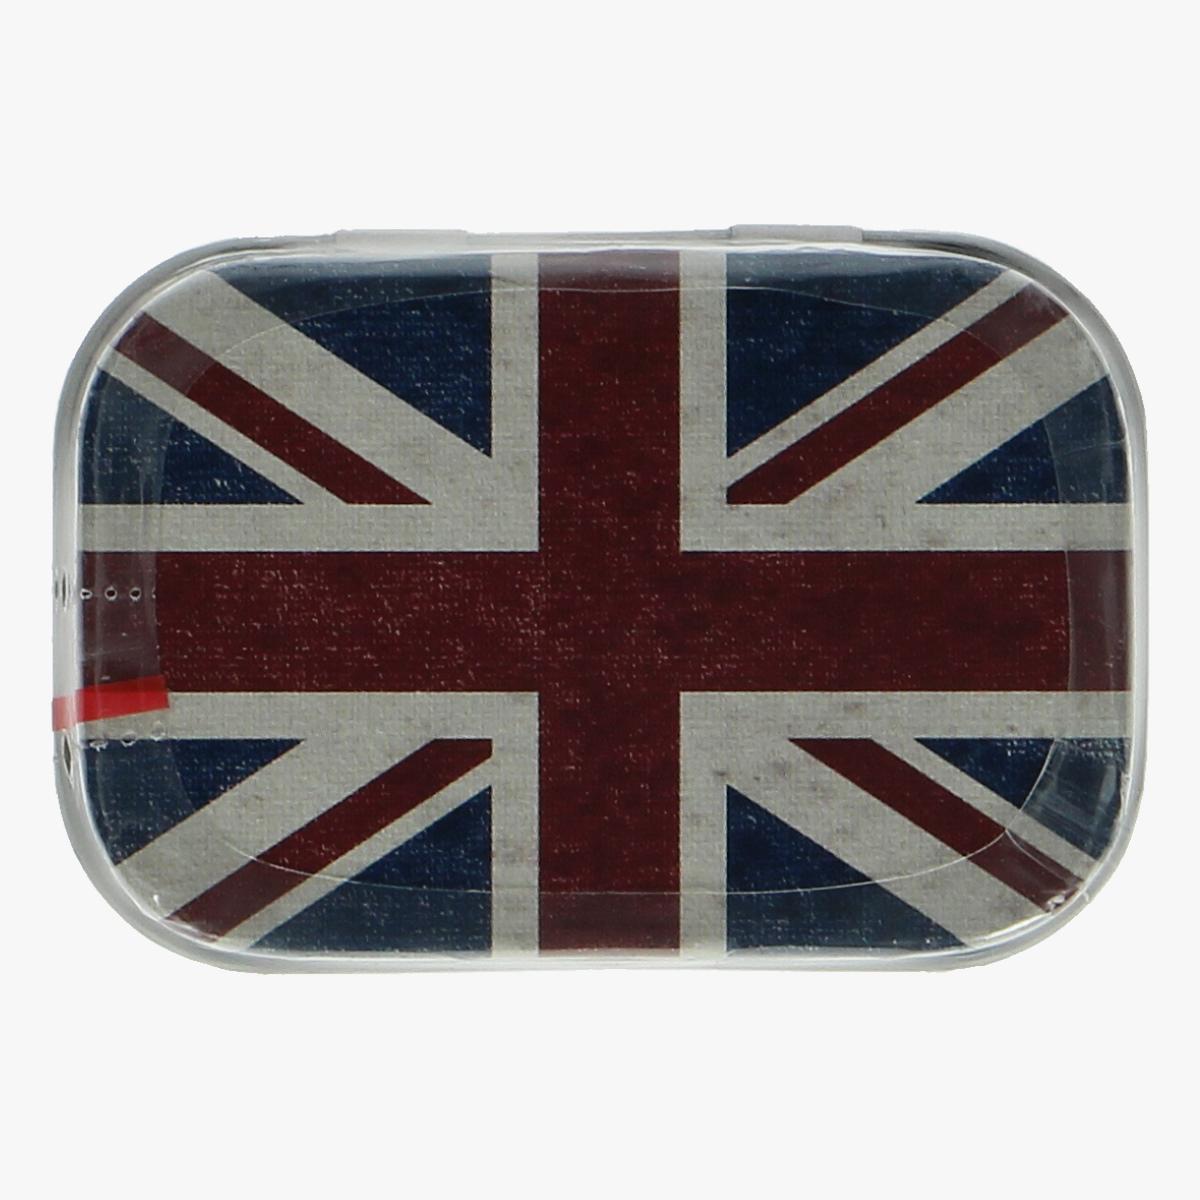 Afbeeldingen van blikken doosje mint snoepjes Engelse vlag